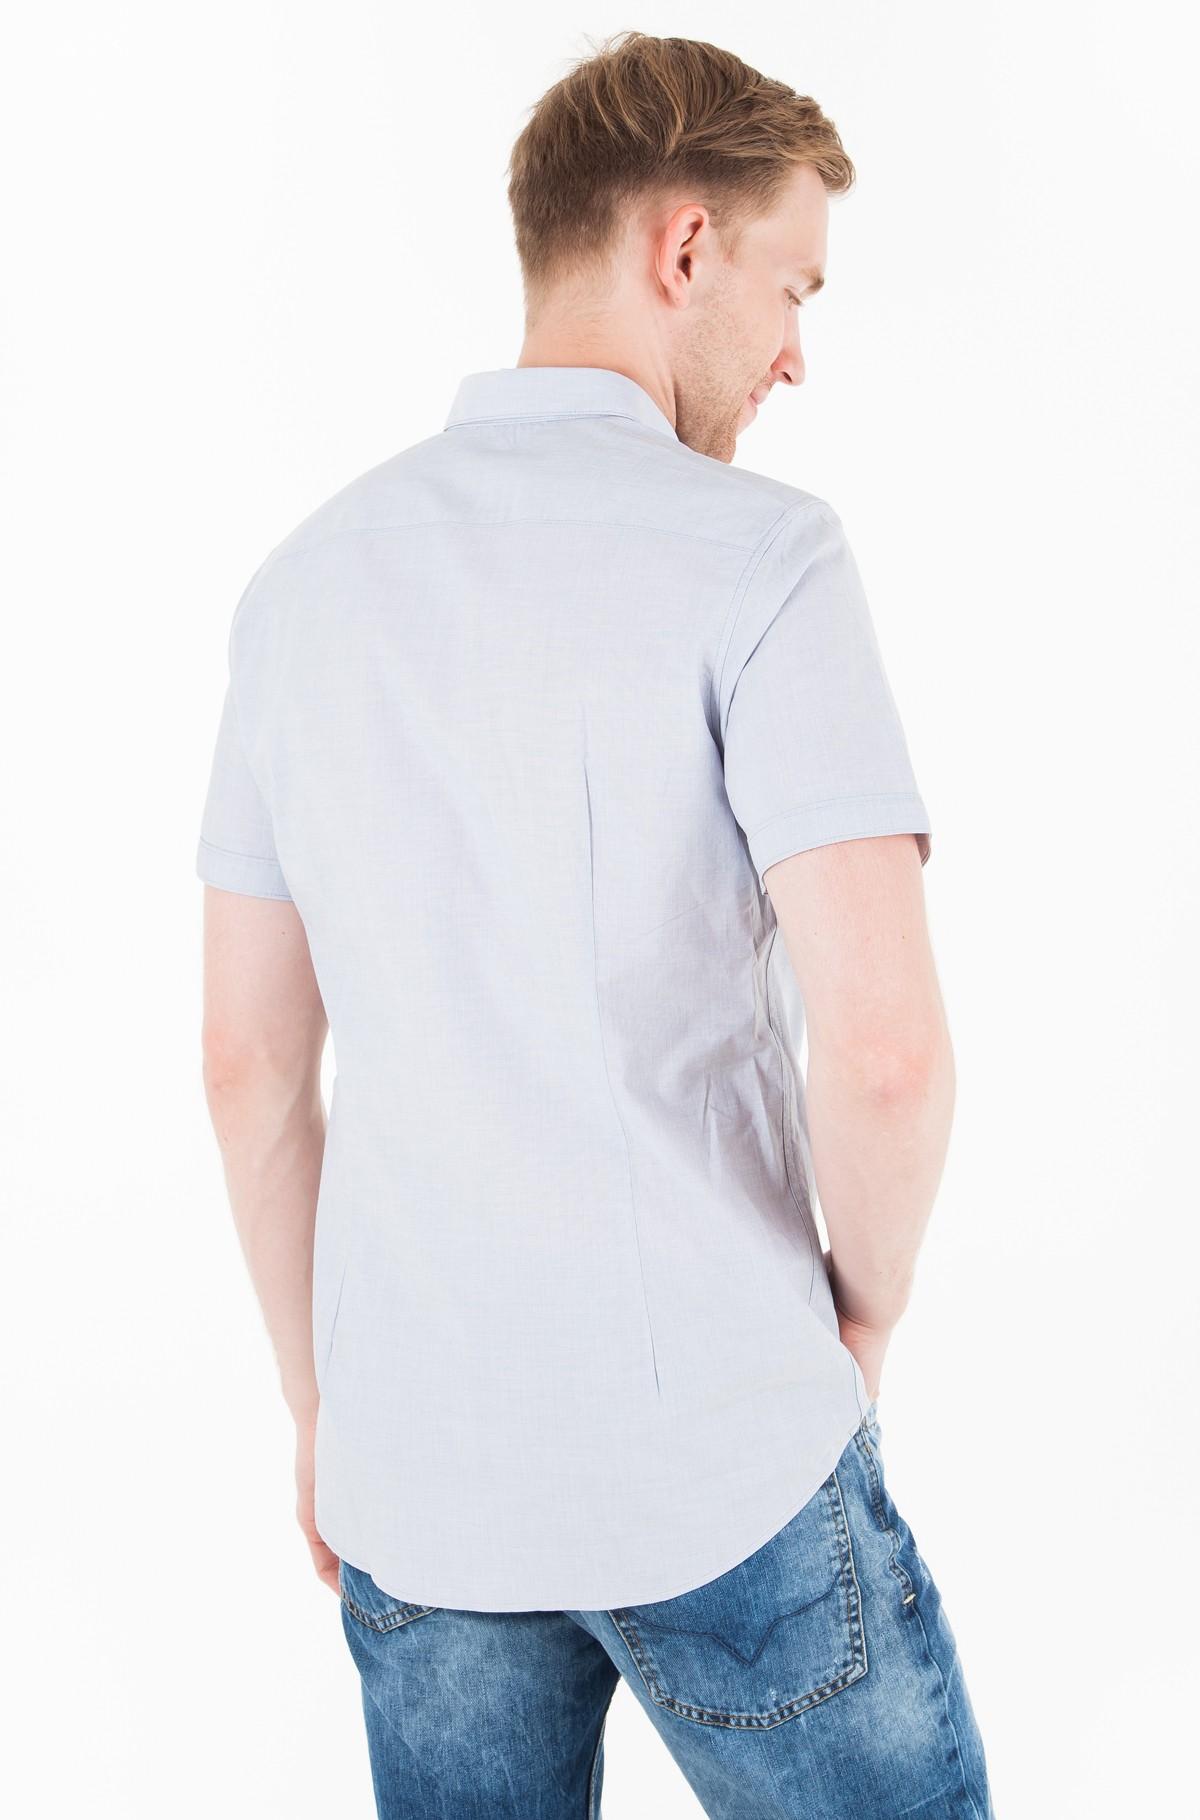 Marškiniai su trumpomis rankovėmis 2055510.00.10-full-2